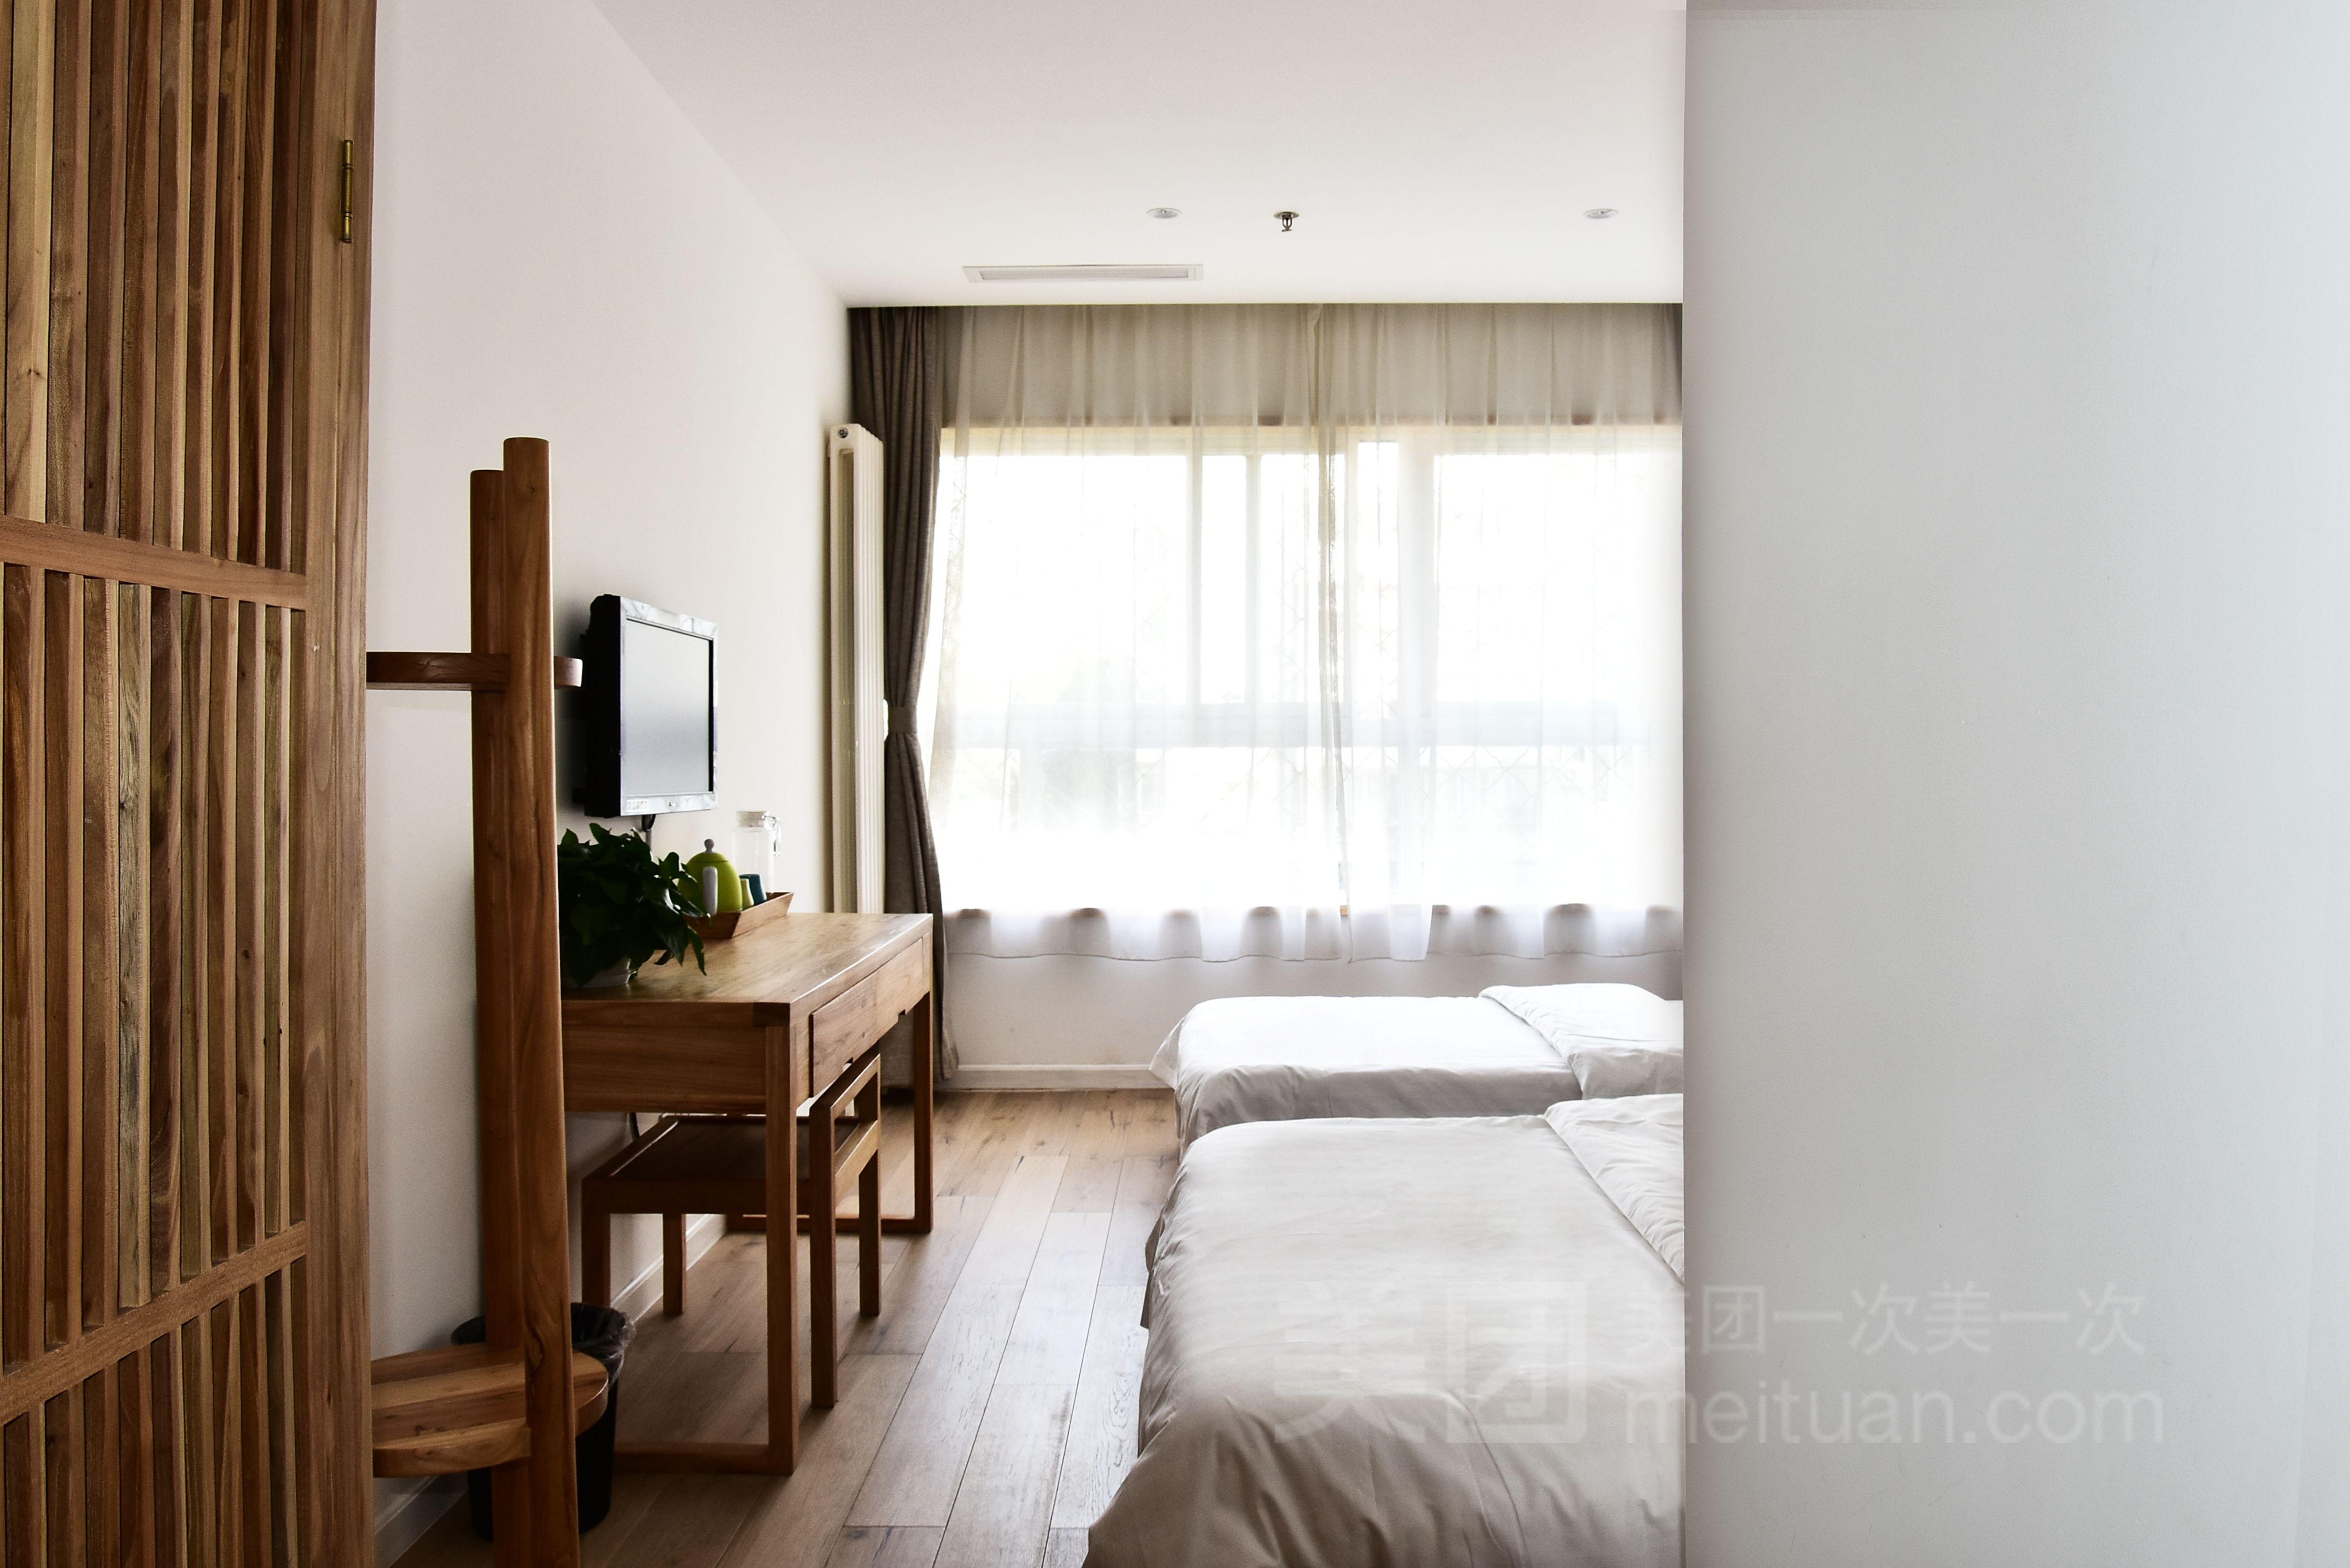 新鲜酒店预订/团购